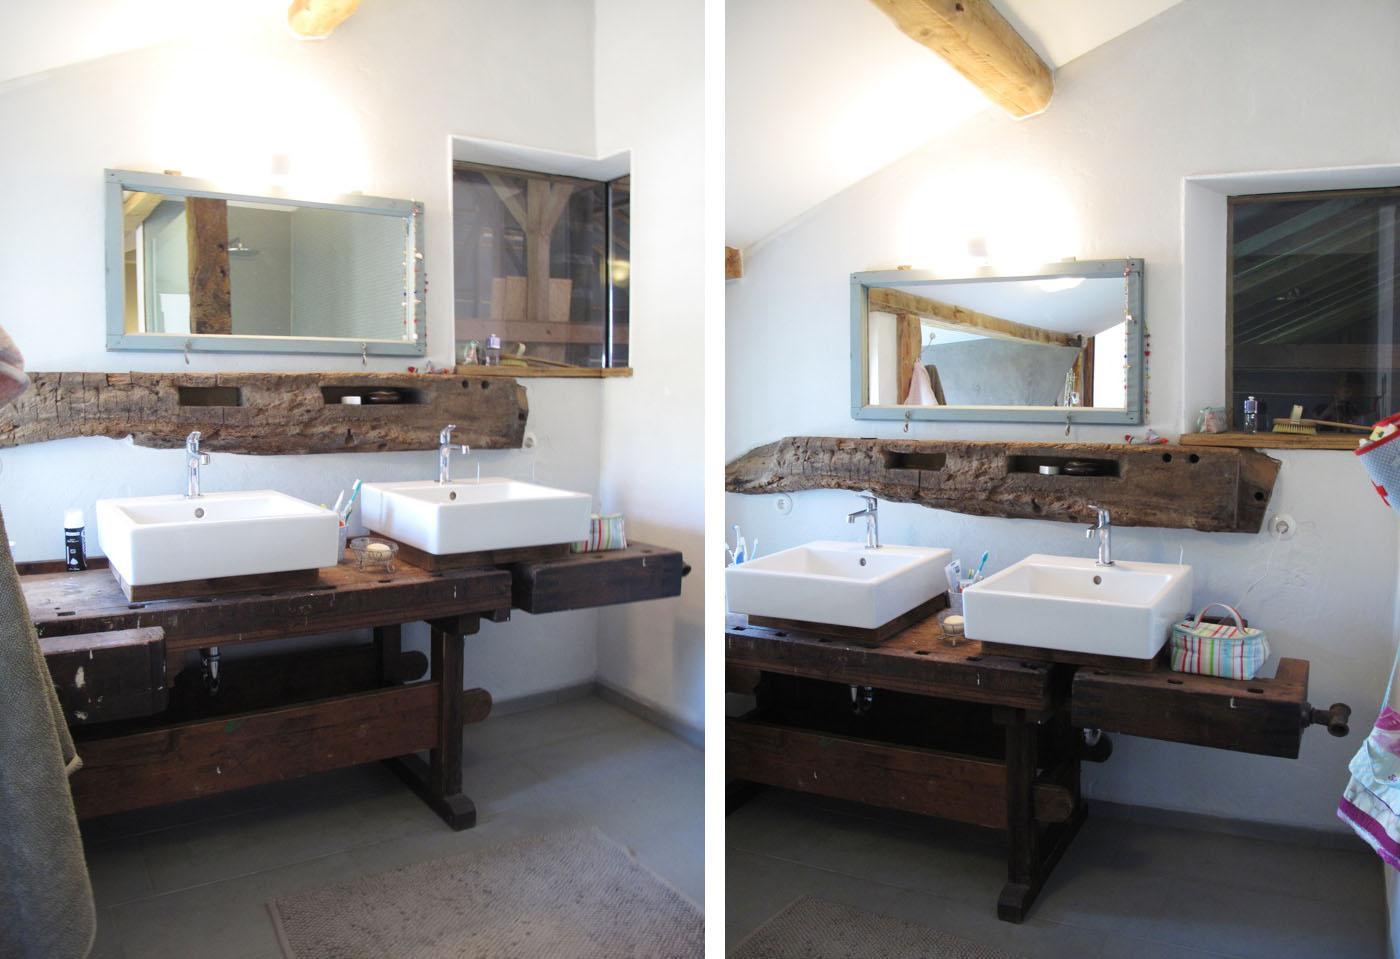 Waschbecken aus holz bilder ideen couchstyle for Badezimmer ideen waschtisch